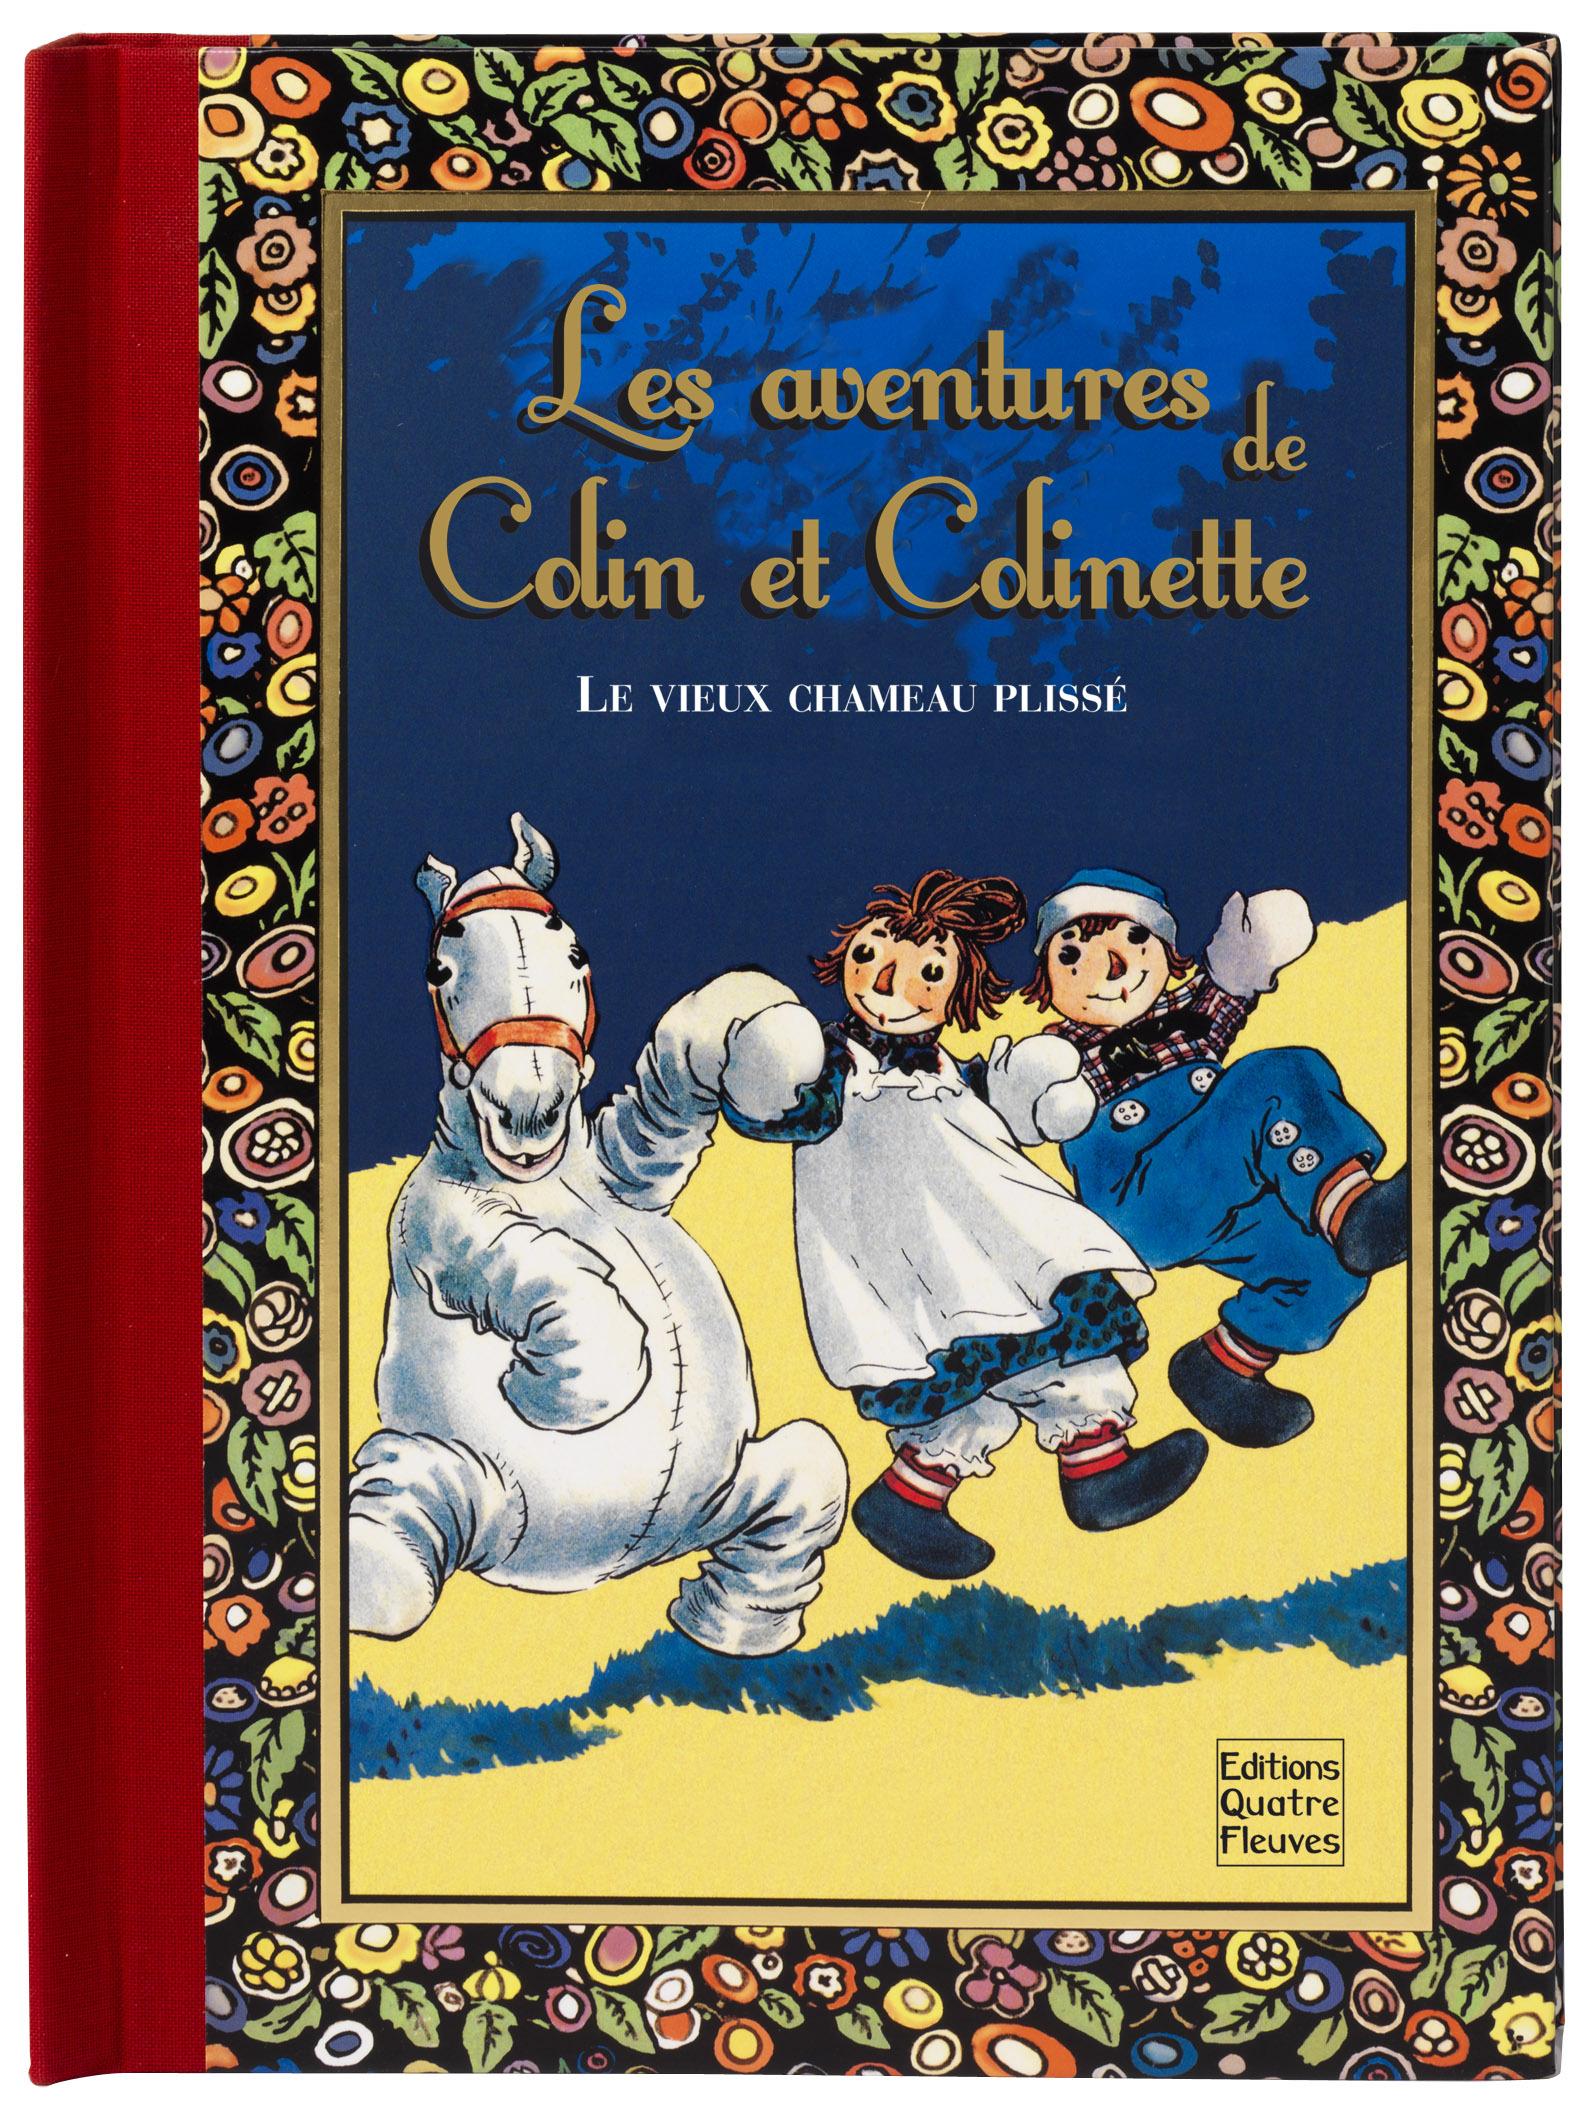 HISTOIRES DE COLIN ET COLINETTE